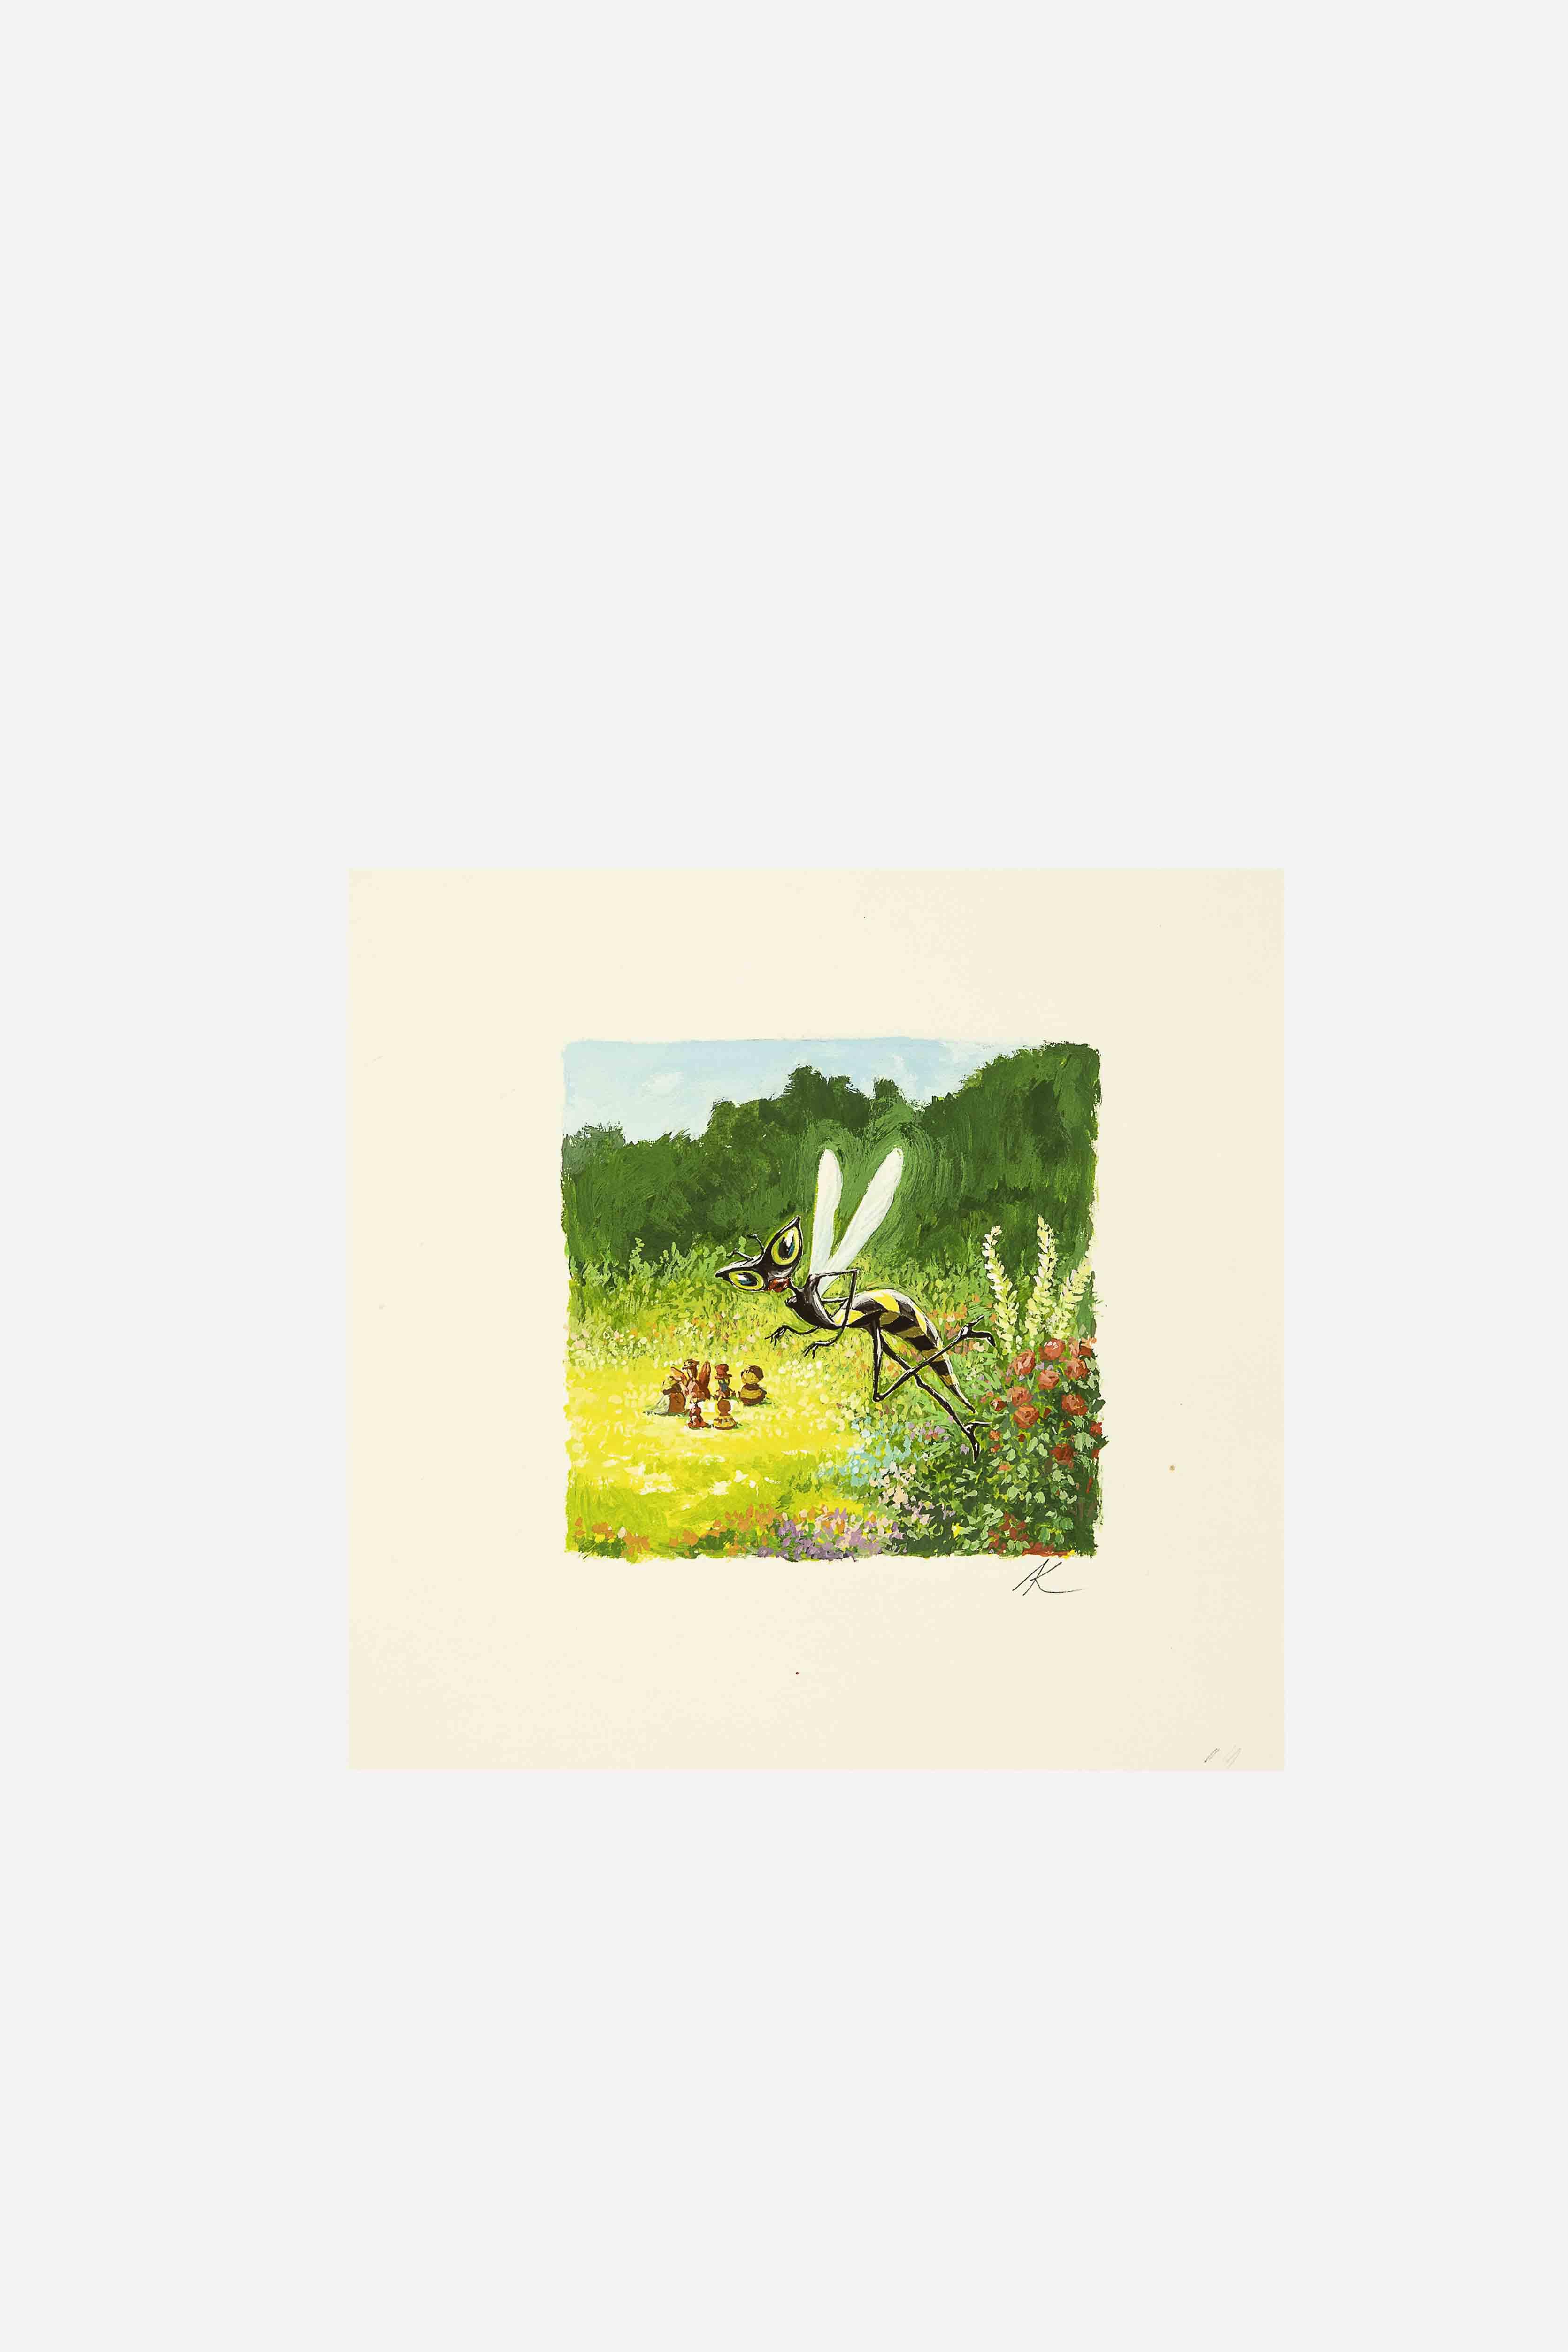 Lot n°4     Dessin « Huguette la Guêpe » de Antoon Krings (né en 1962) Dessin, gouache sur papier, réalisé pour le film d'animation Drôles de petites bêtes de Antoon Krings et Arnaud Bouron (2017).  Signé en bas à droite par Antoon Krings.  Dimensions : 13,5 x 14 cm.   Estimation : 200 – 400 €  ©CNC/Art Richelieu/Drouot